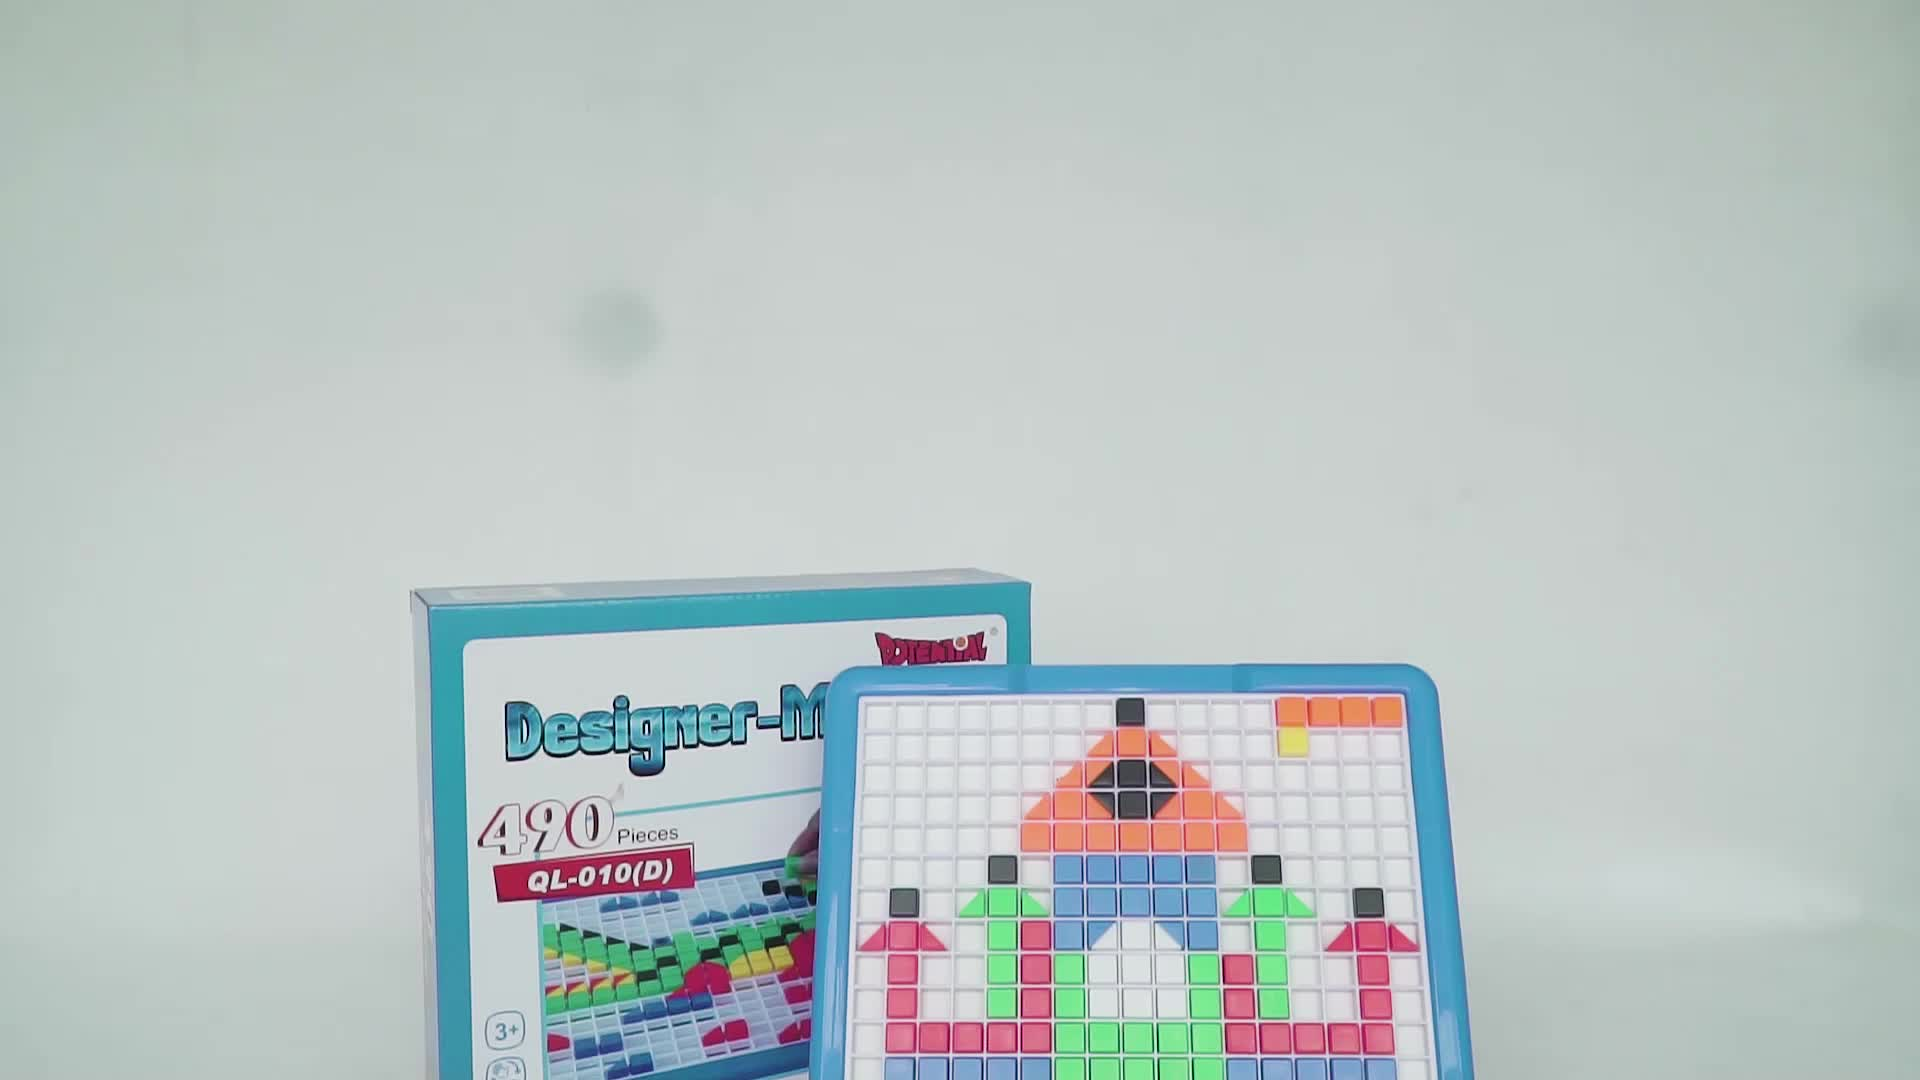 educational plastic brinquedo 3D Mosaic Puzzle QL-010(D)